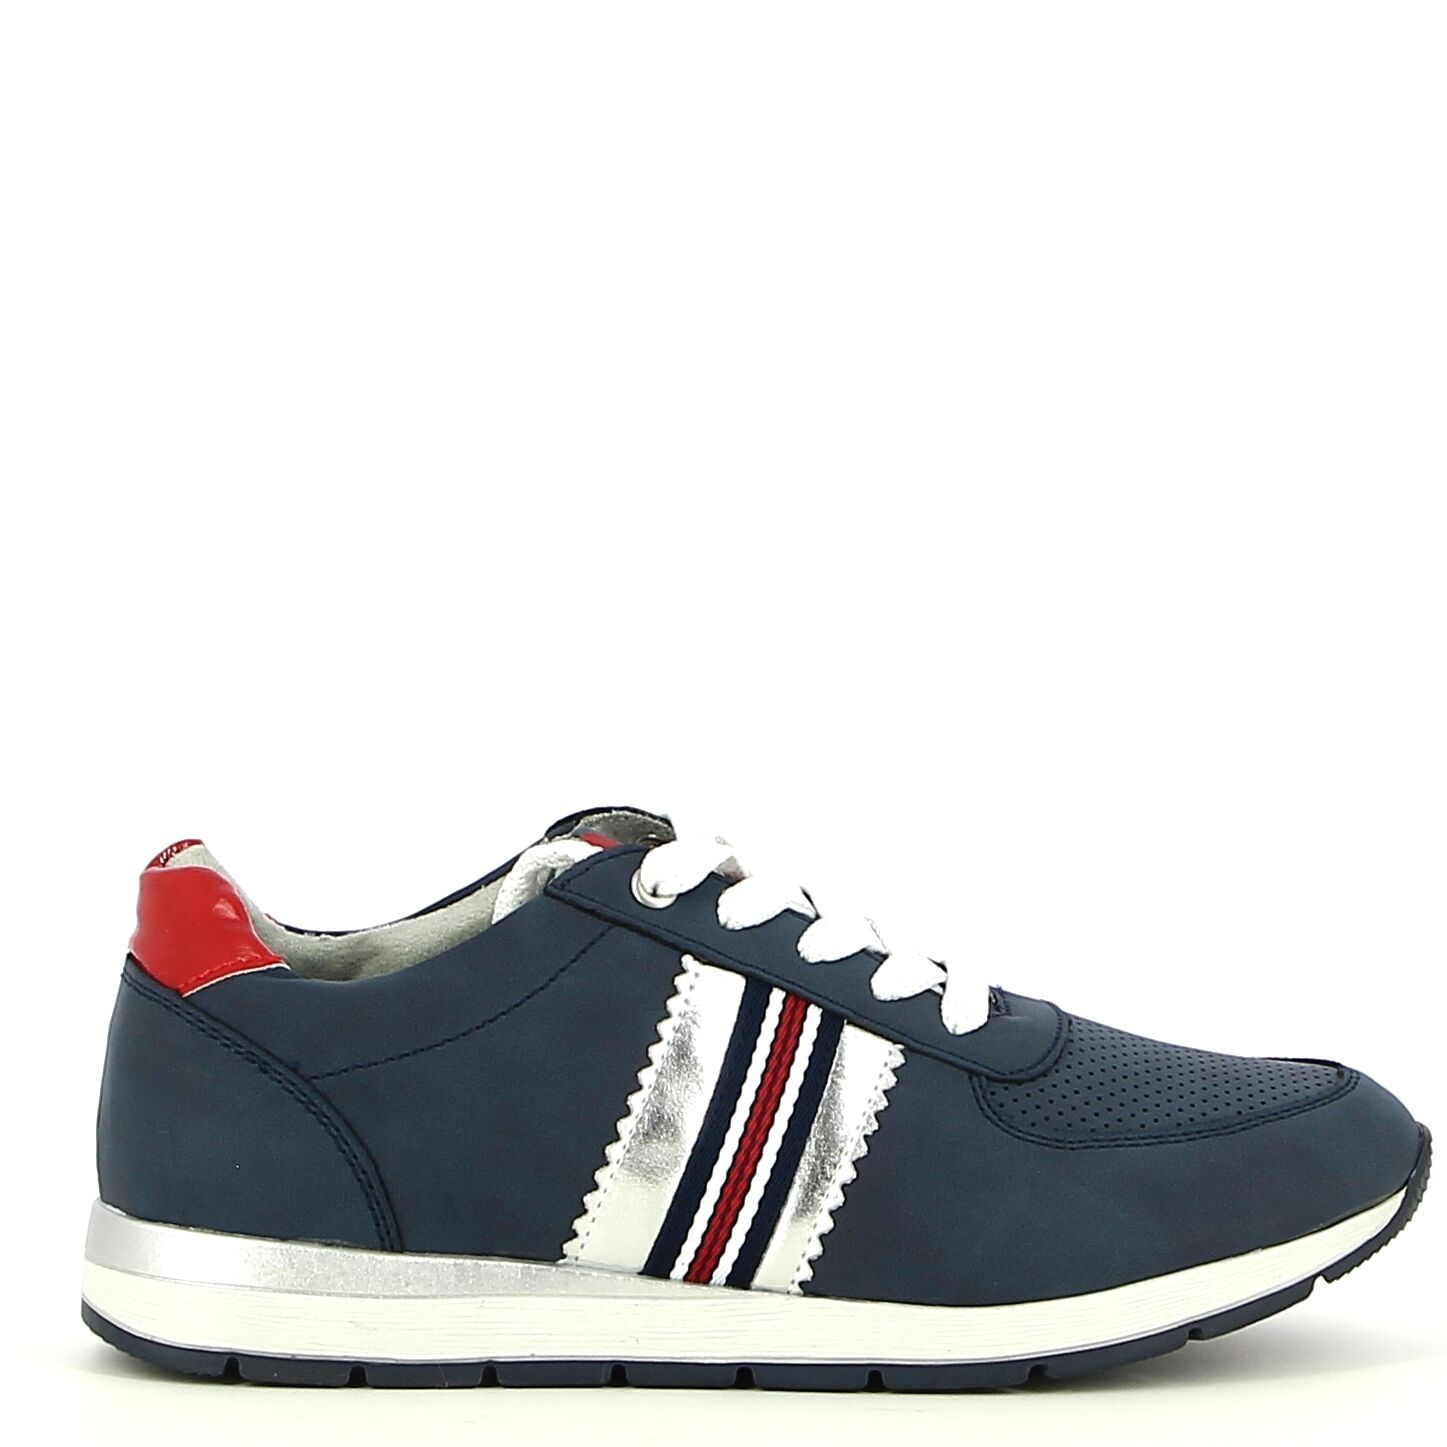 Ken Shoe Fashion - Baskets - Bleu Foncé